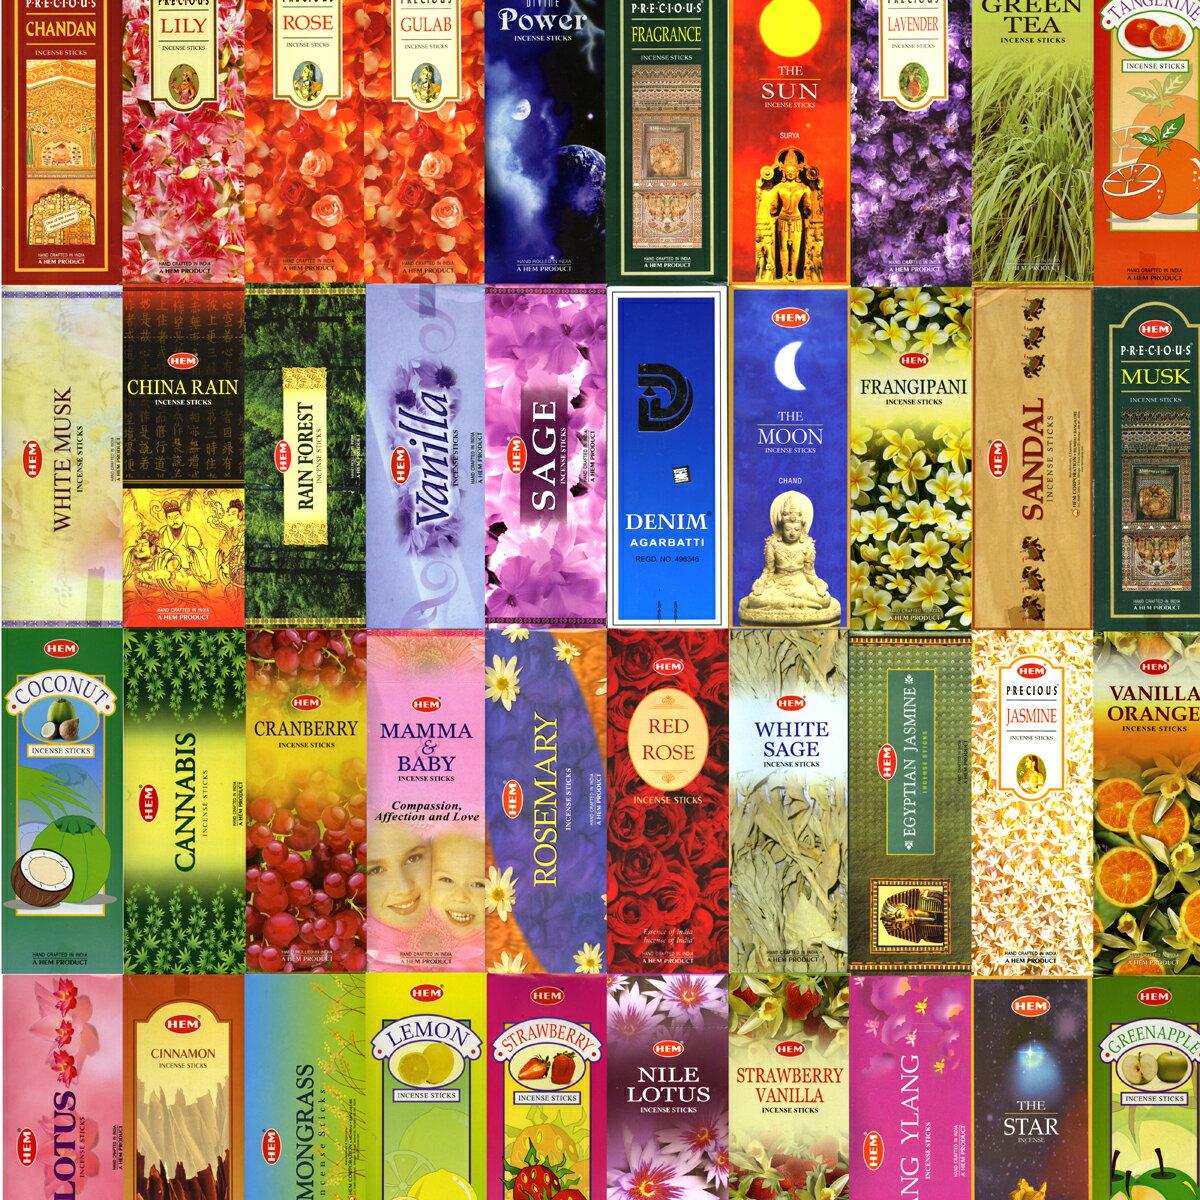 お香40種類から8種類選べるお香セット!1箱20本入り合計160本送料無料(ポスト投函)でお送りします! スティック インセンス アジアン雑貨 1000円ポッキリ